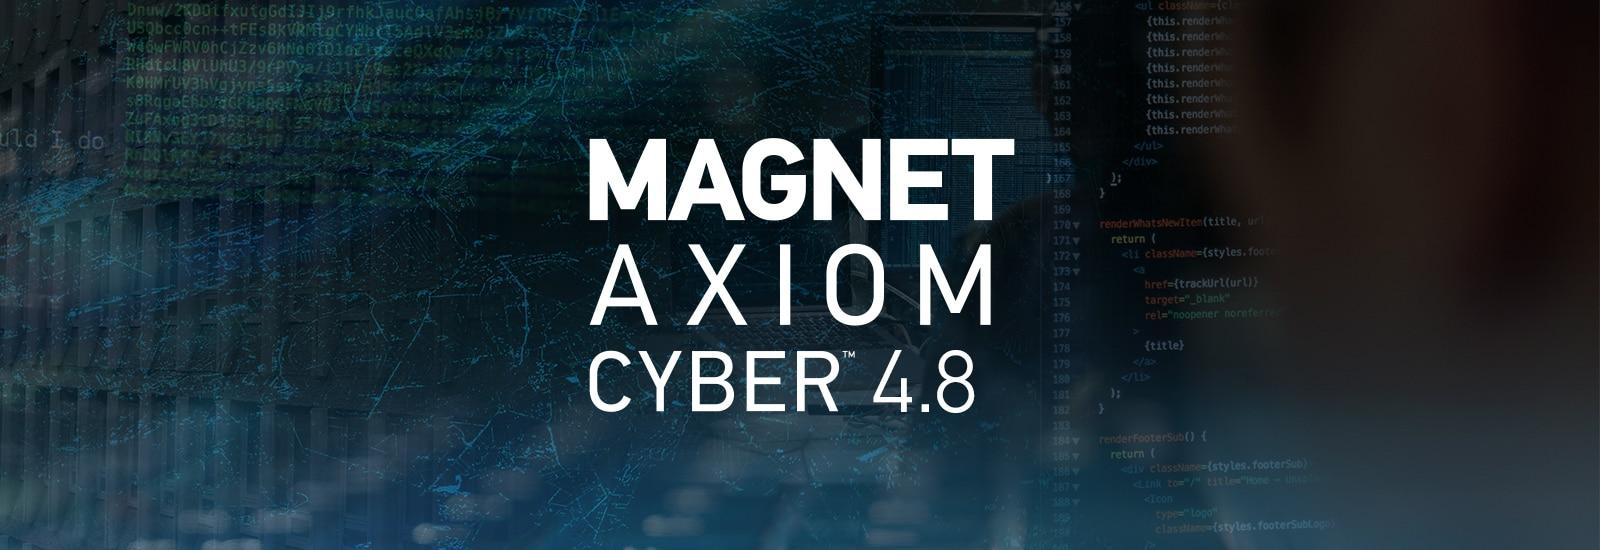 AXIOM Cyber 4.8